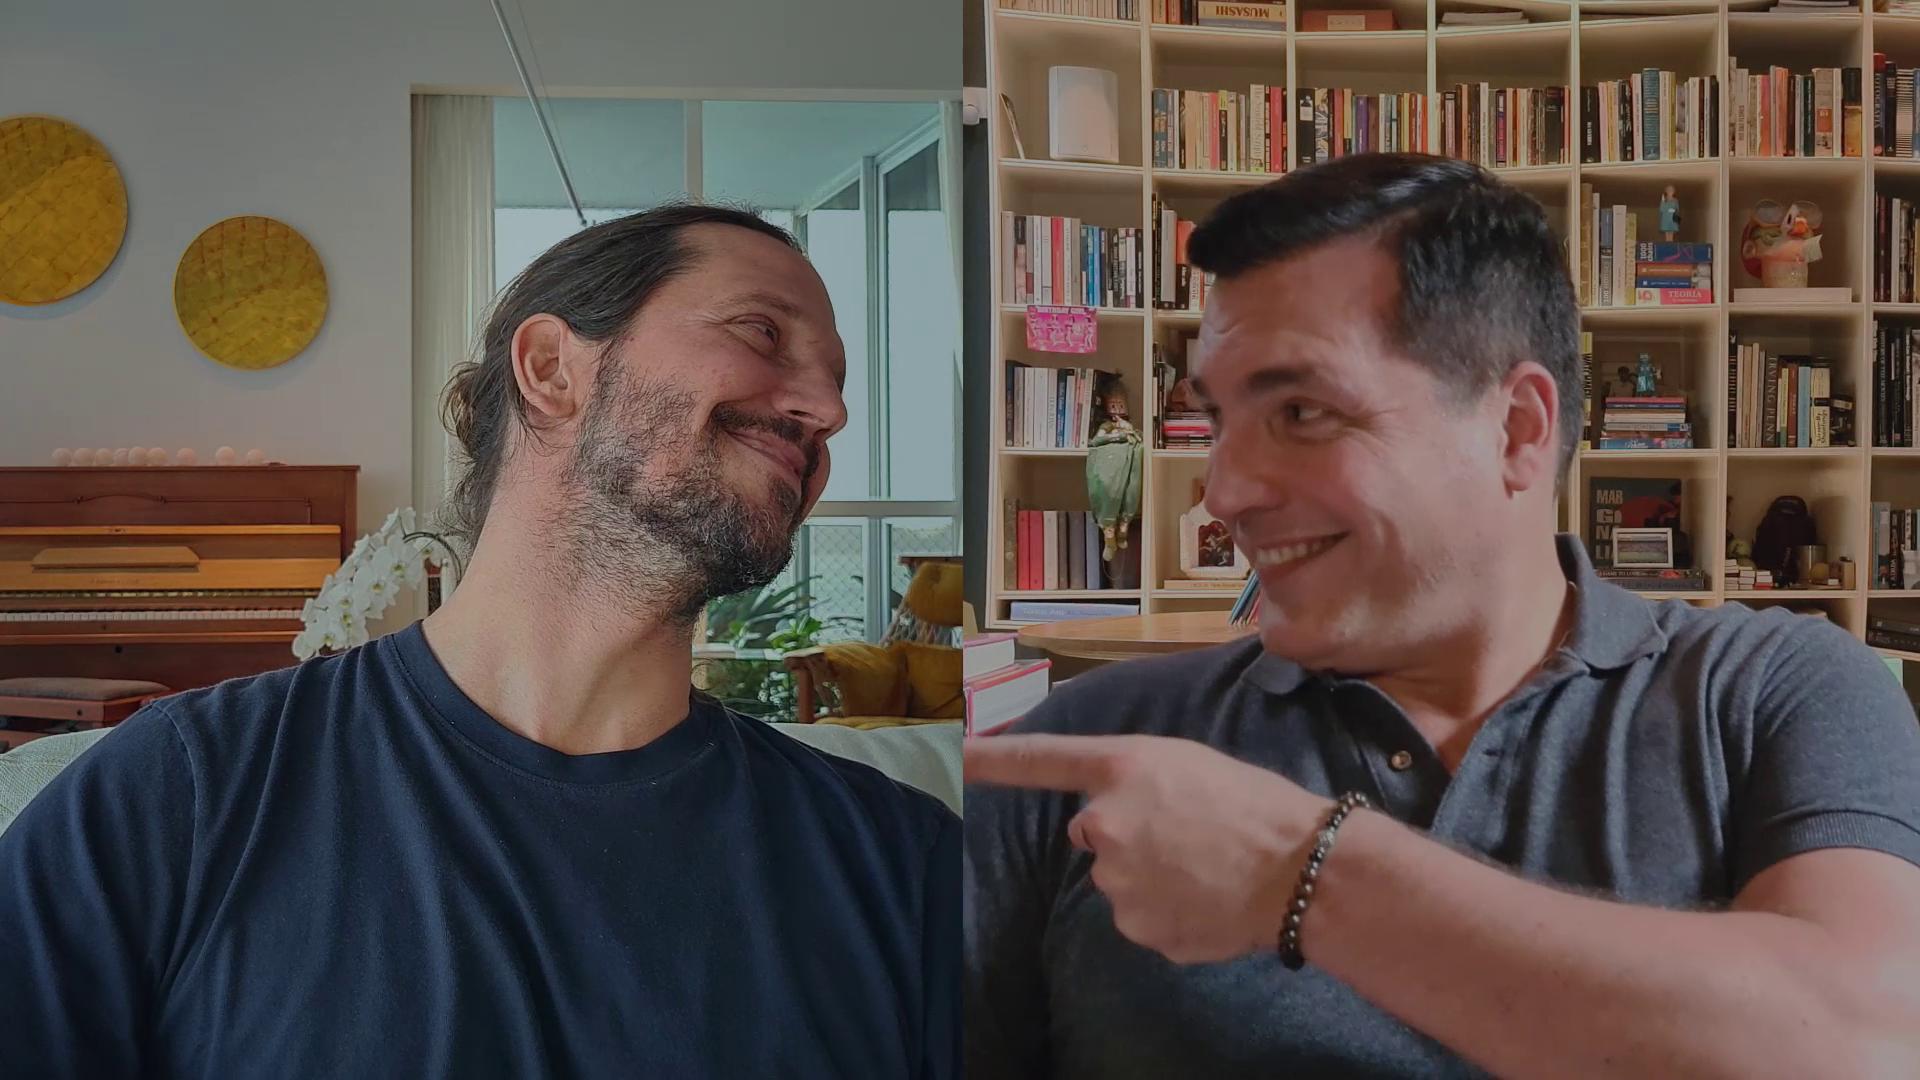 Na imagem, os atores Vladimir Brichta e Daniel Boaventura dividem a tela, um olhando para o outro e sorrindo.